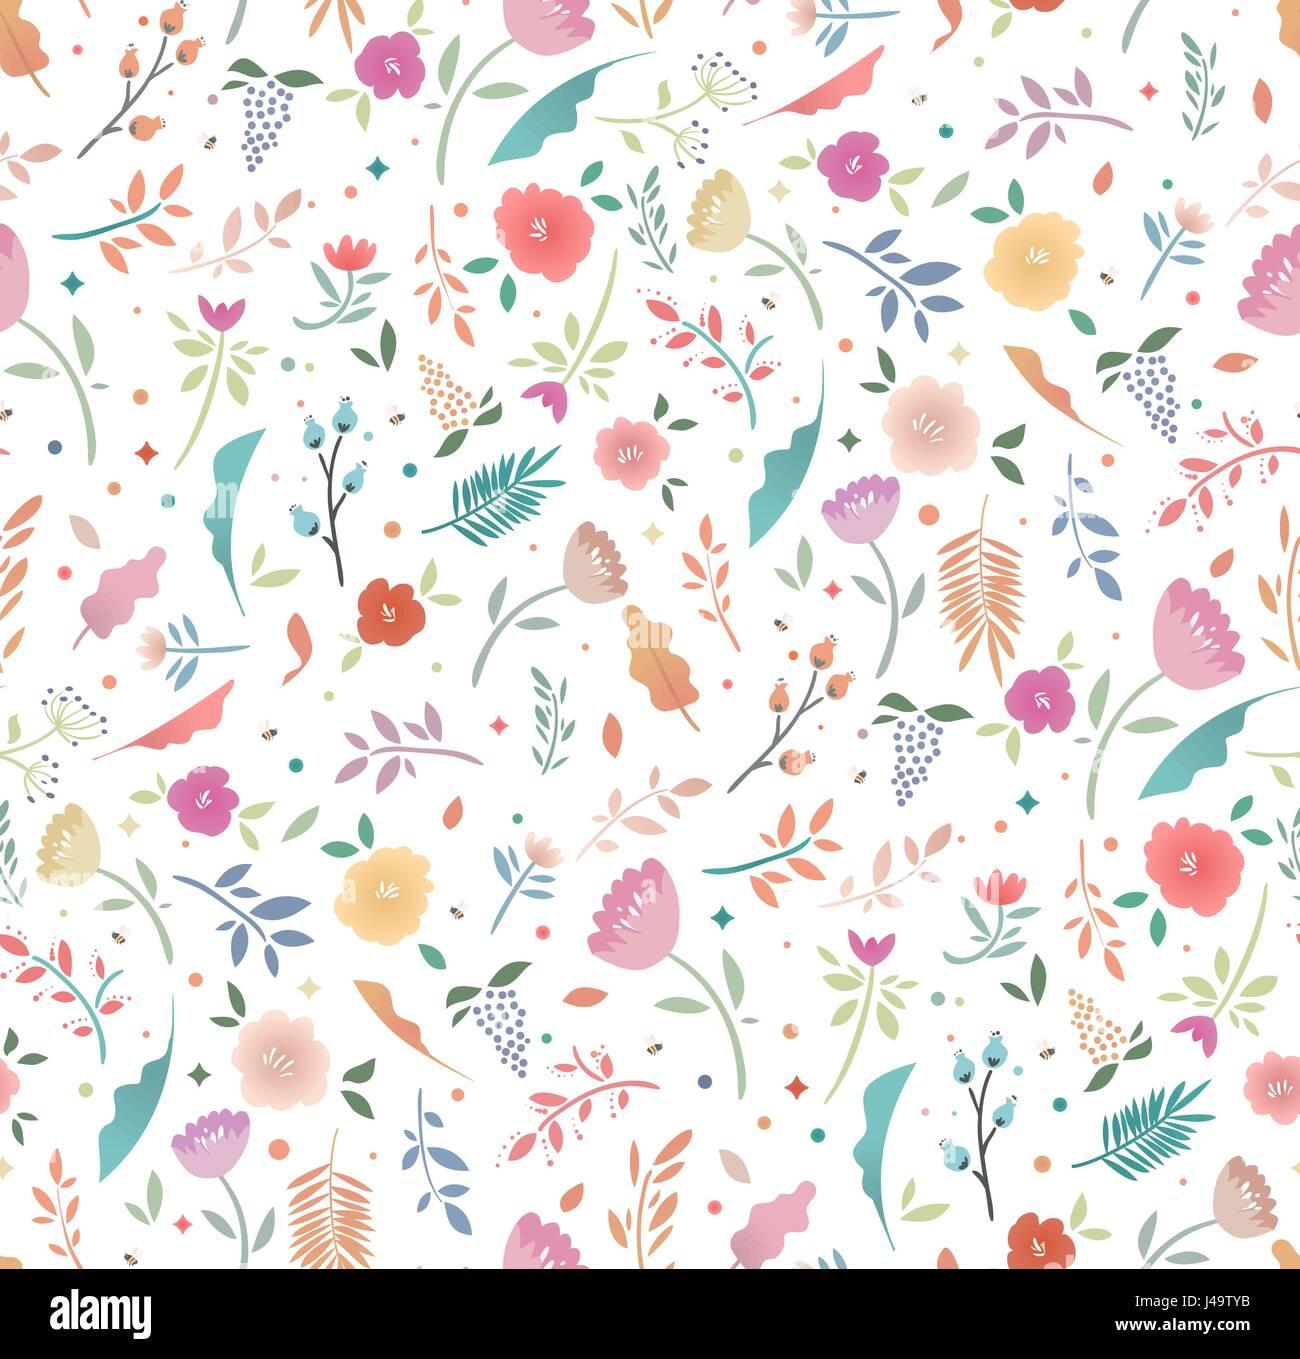 Primavera Perfecta Patrón Floral Sobre Un Fondo Blanco Flores Y